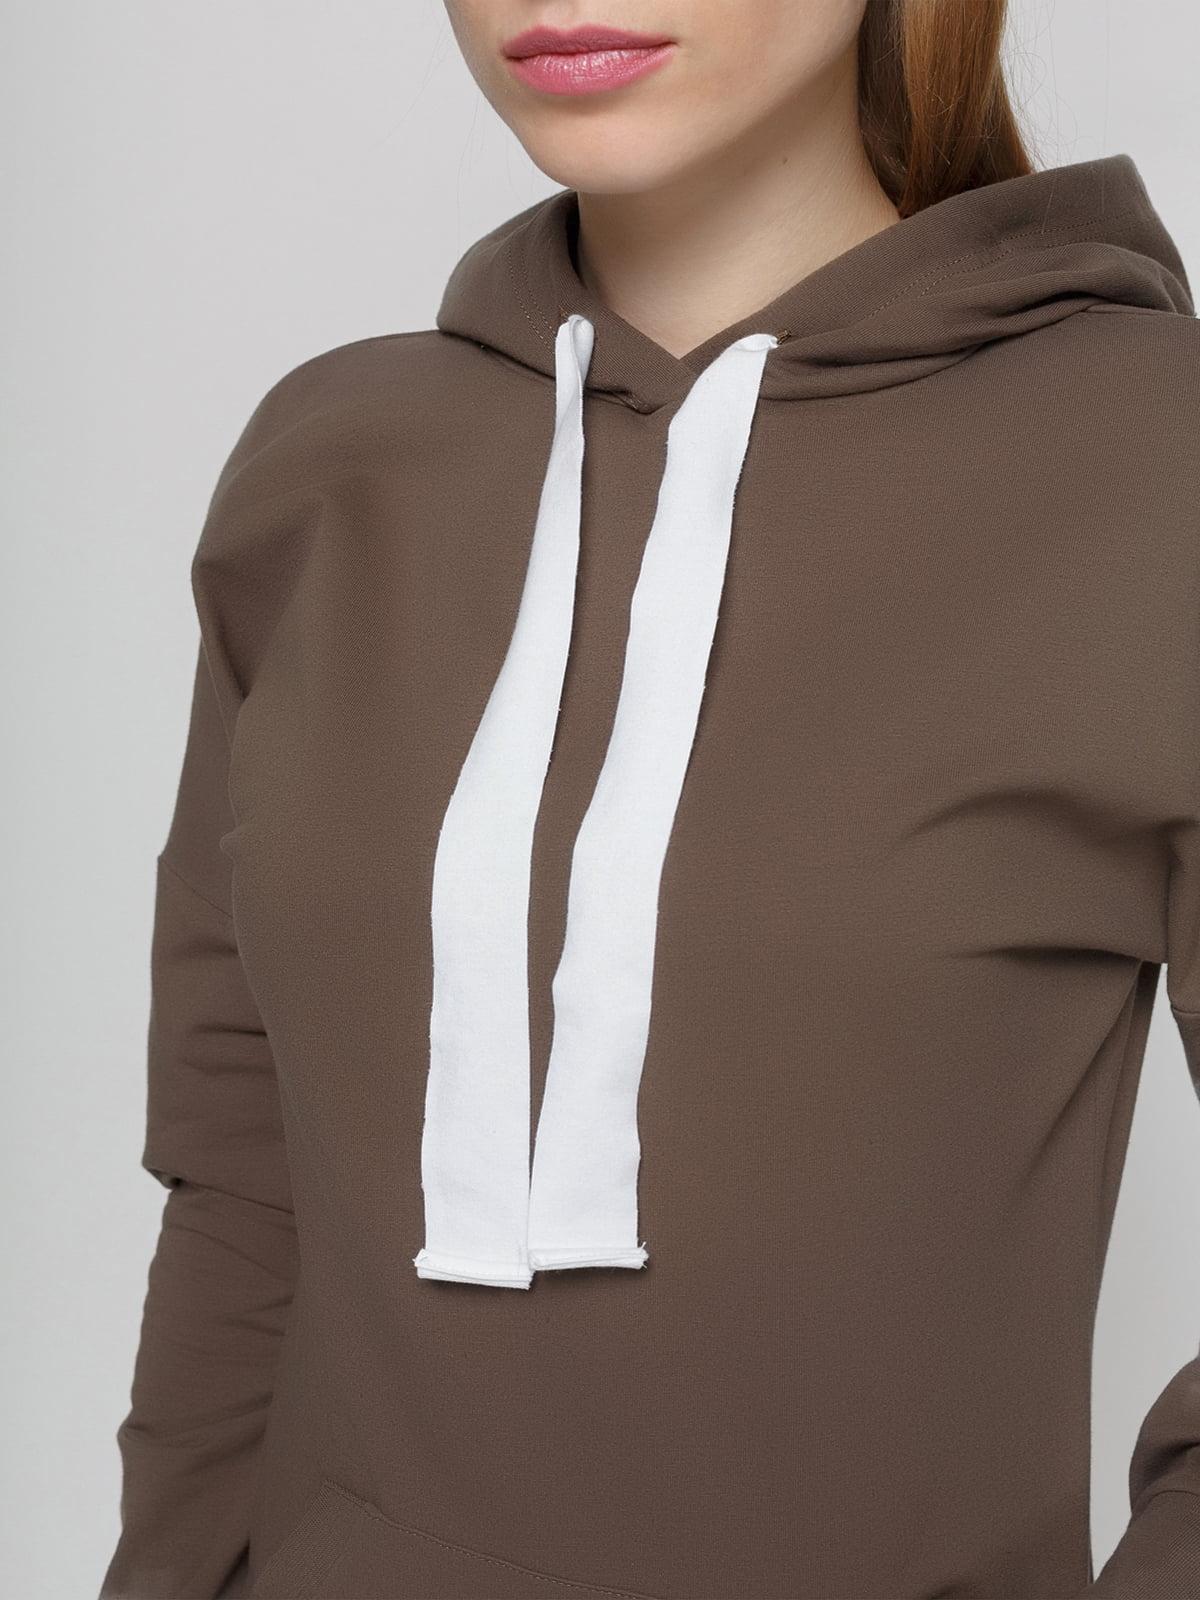 Платье коричневое | 4861818 | фото 3